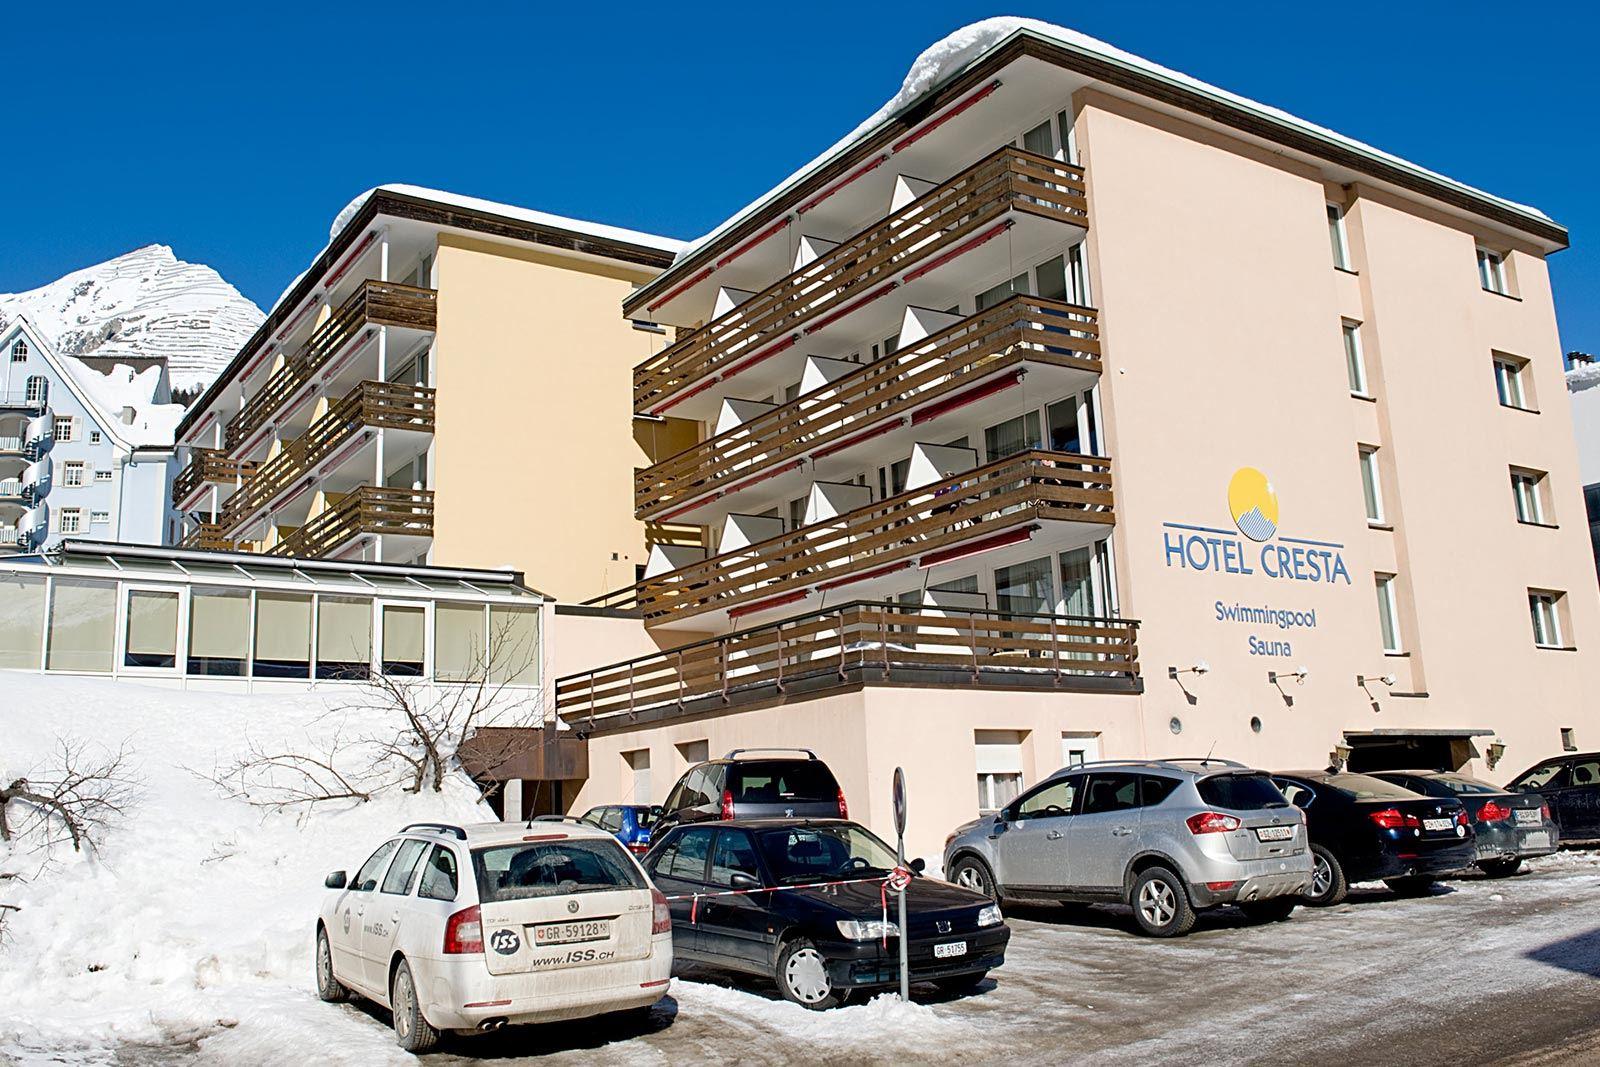 Hotel Cresta - Davos